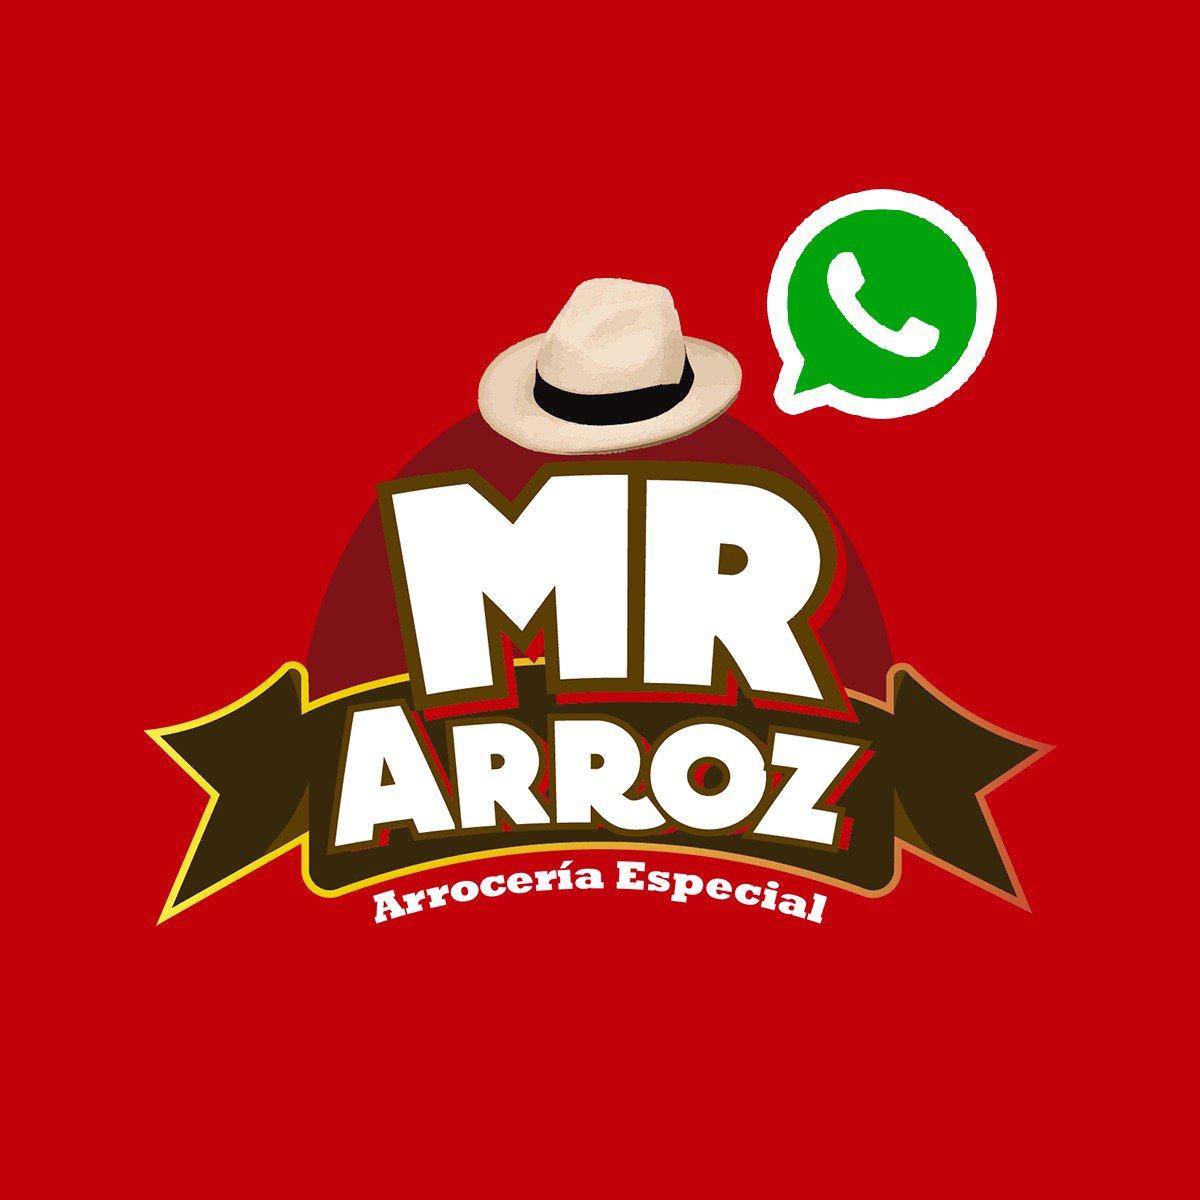 Mr Arroz Arrocería Especial